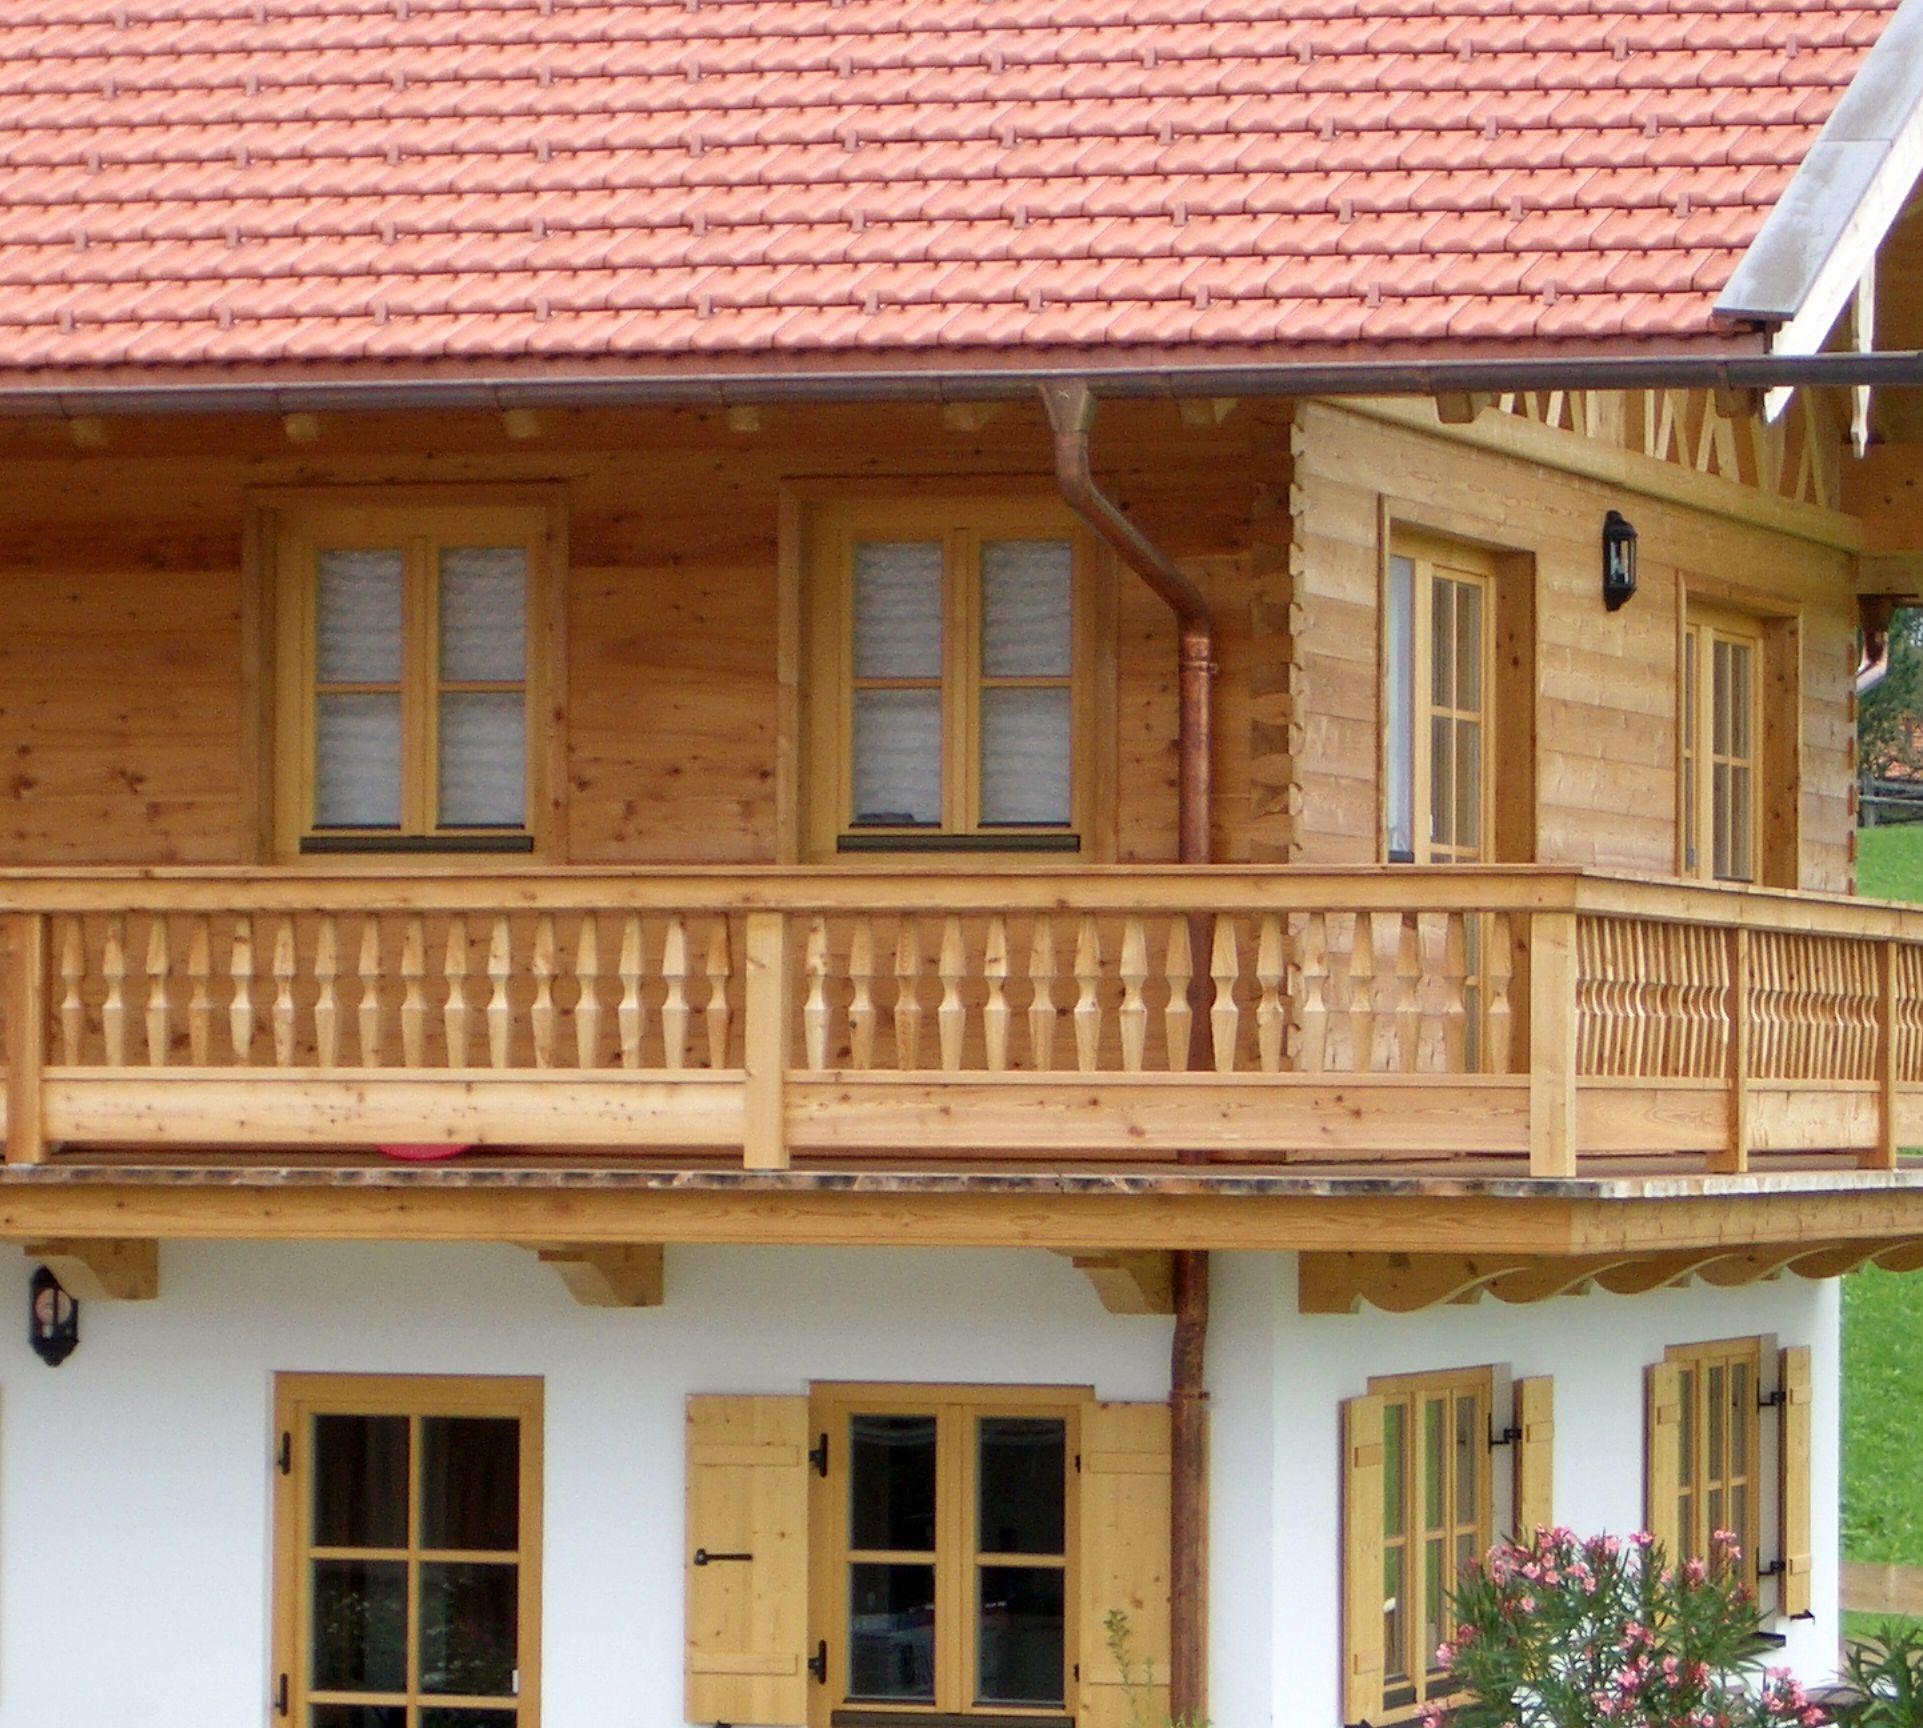 Balkon und Blockwandschalung aus Lärchenholz